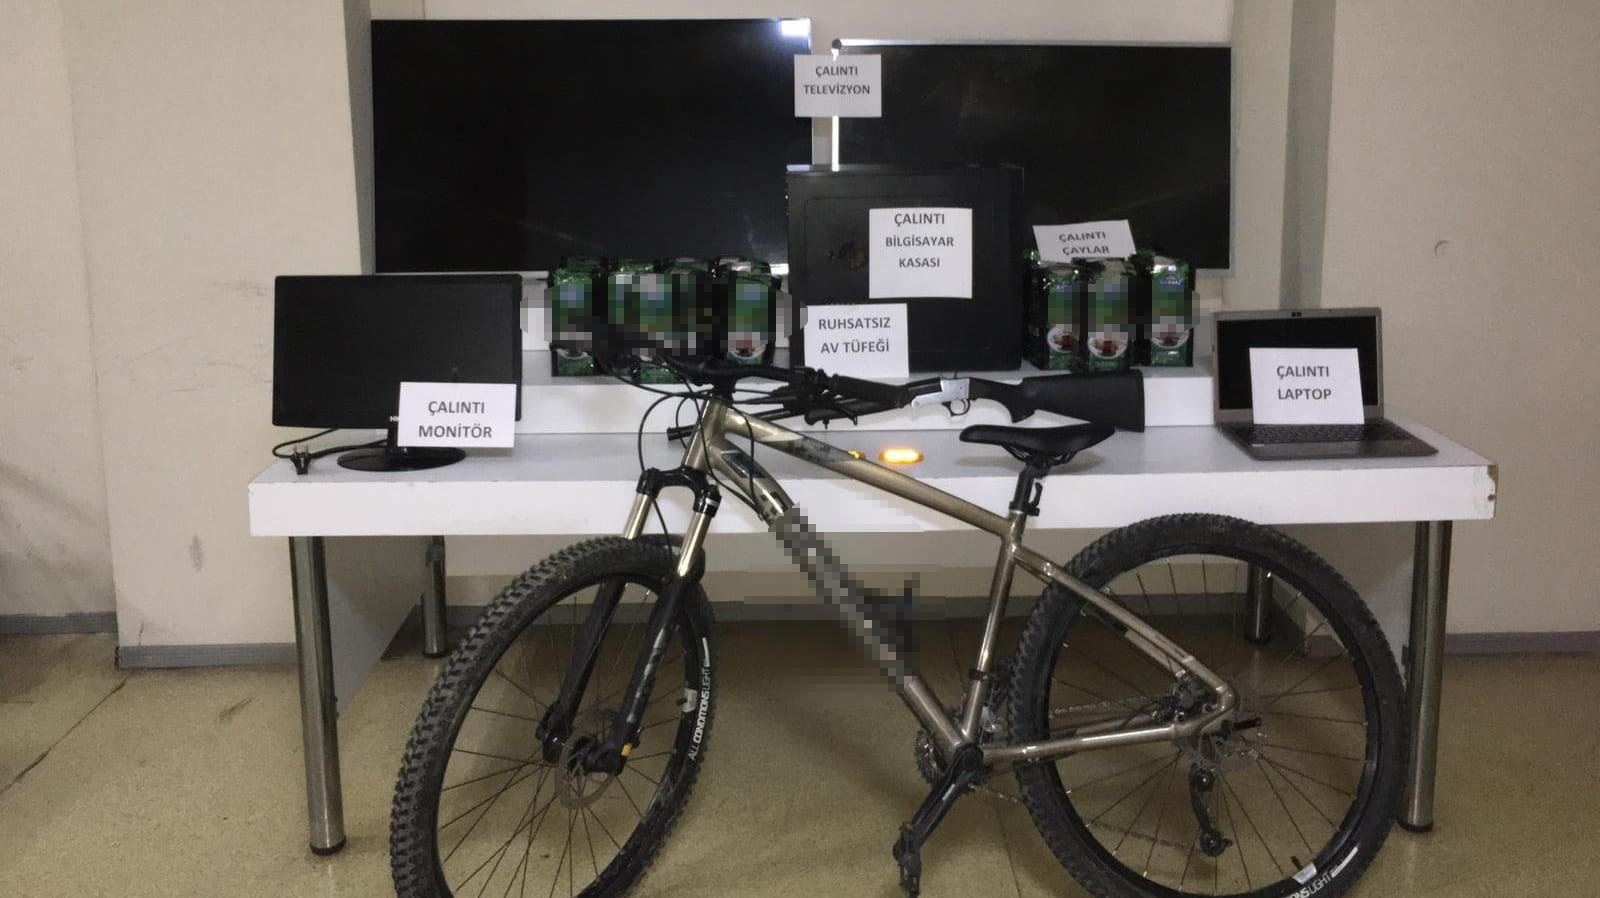 İş yeri hırsızları yakayı ele verdi